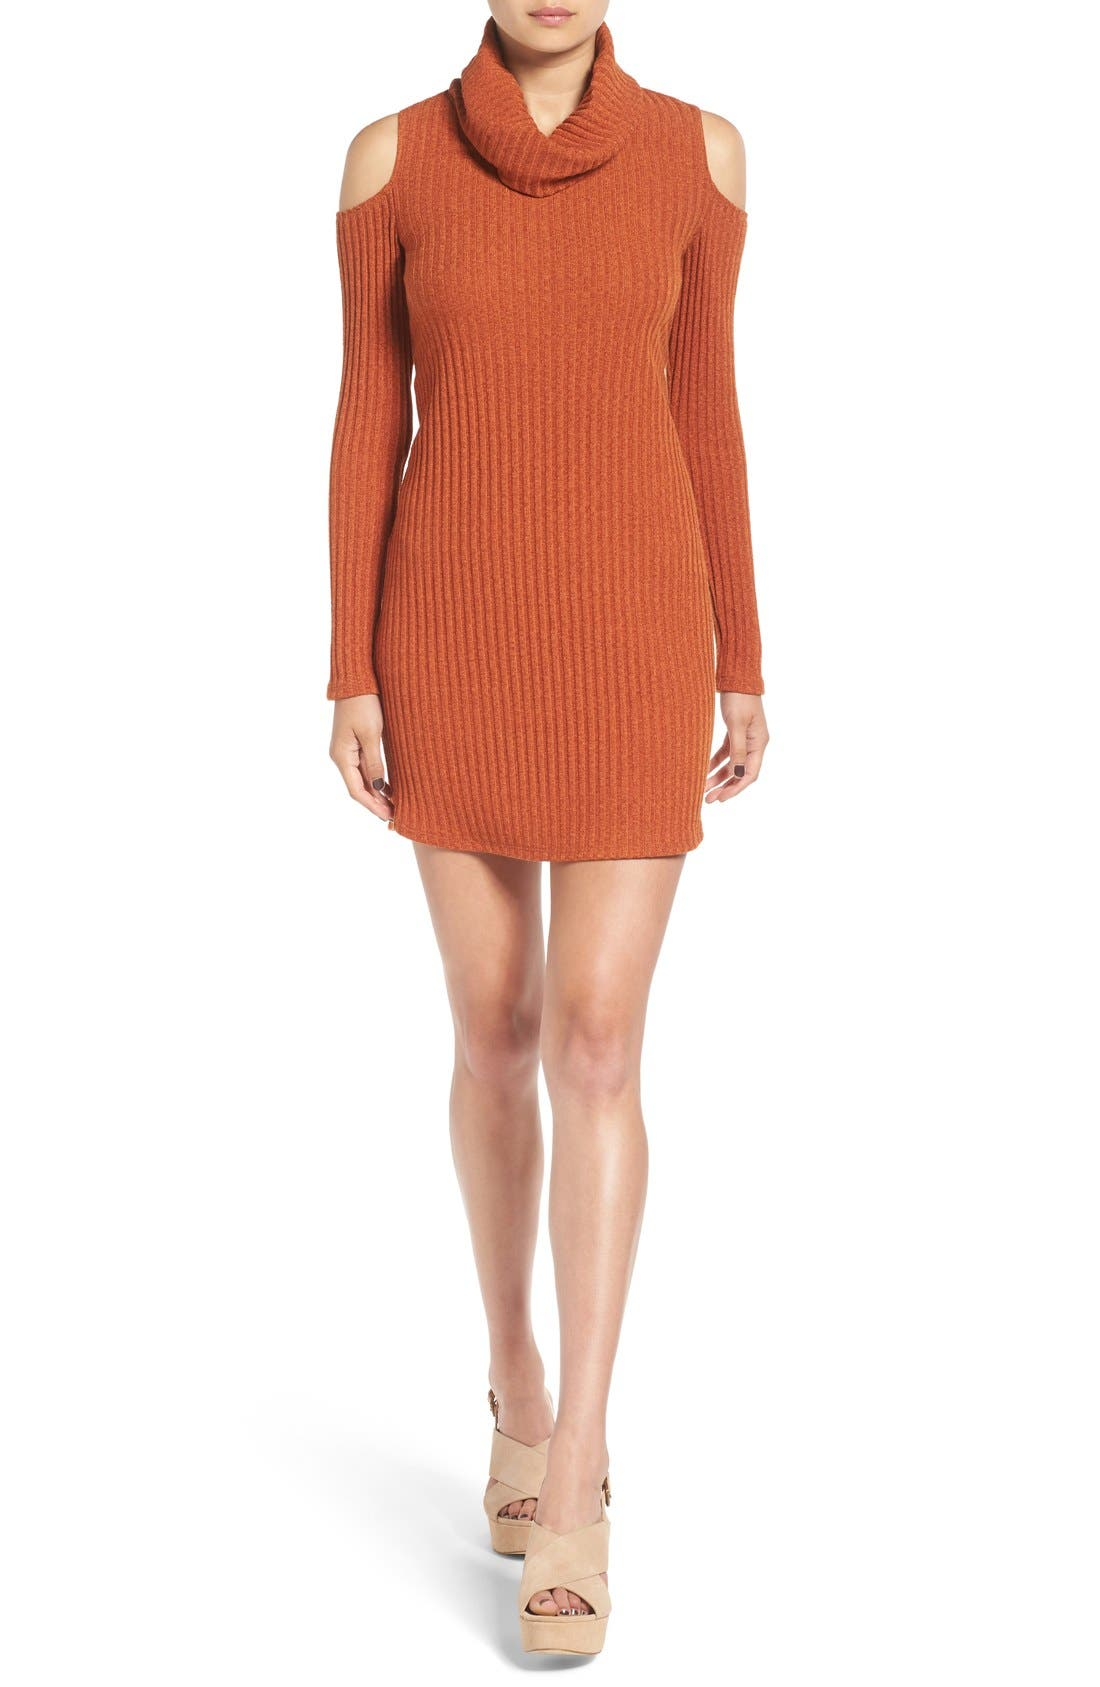 Alternate Image 1 Selected - Socialite Cold Shoulder Rib Knit Dress